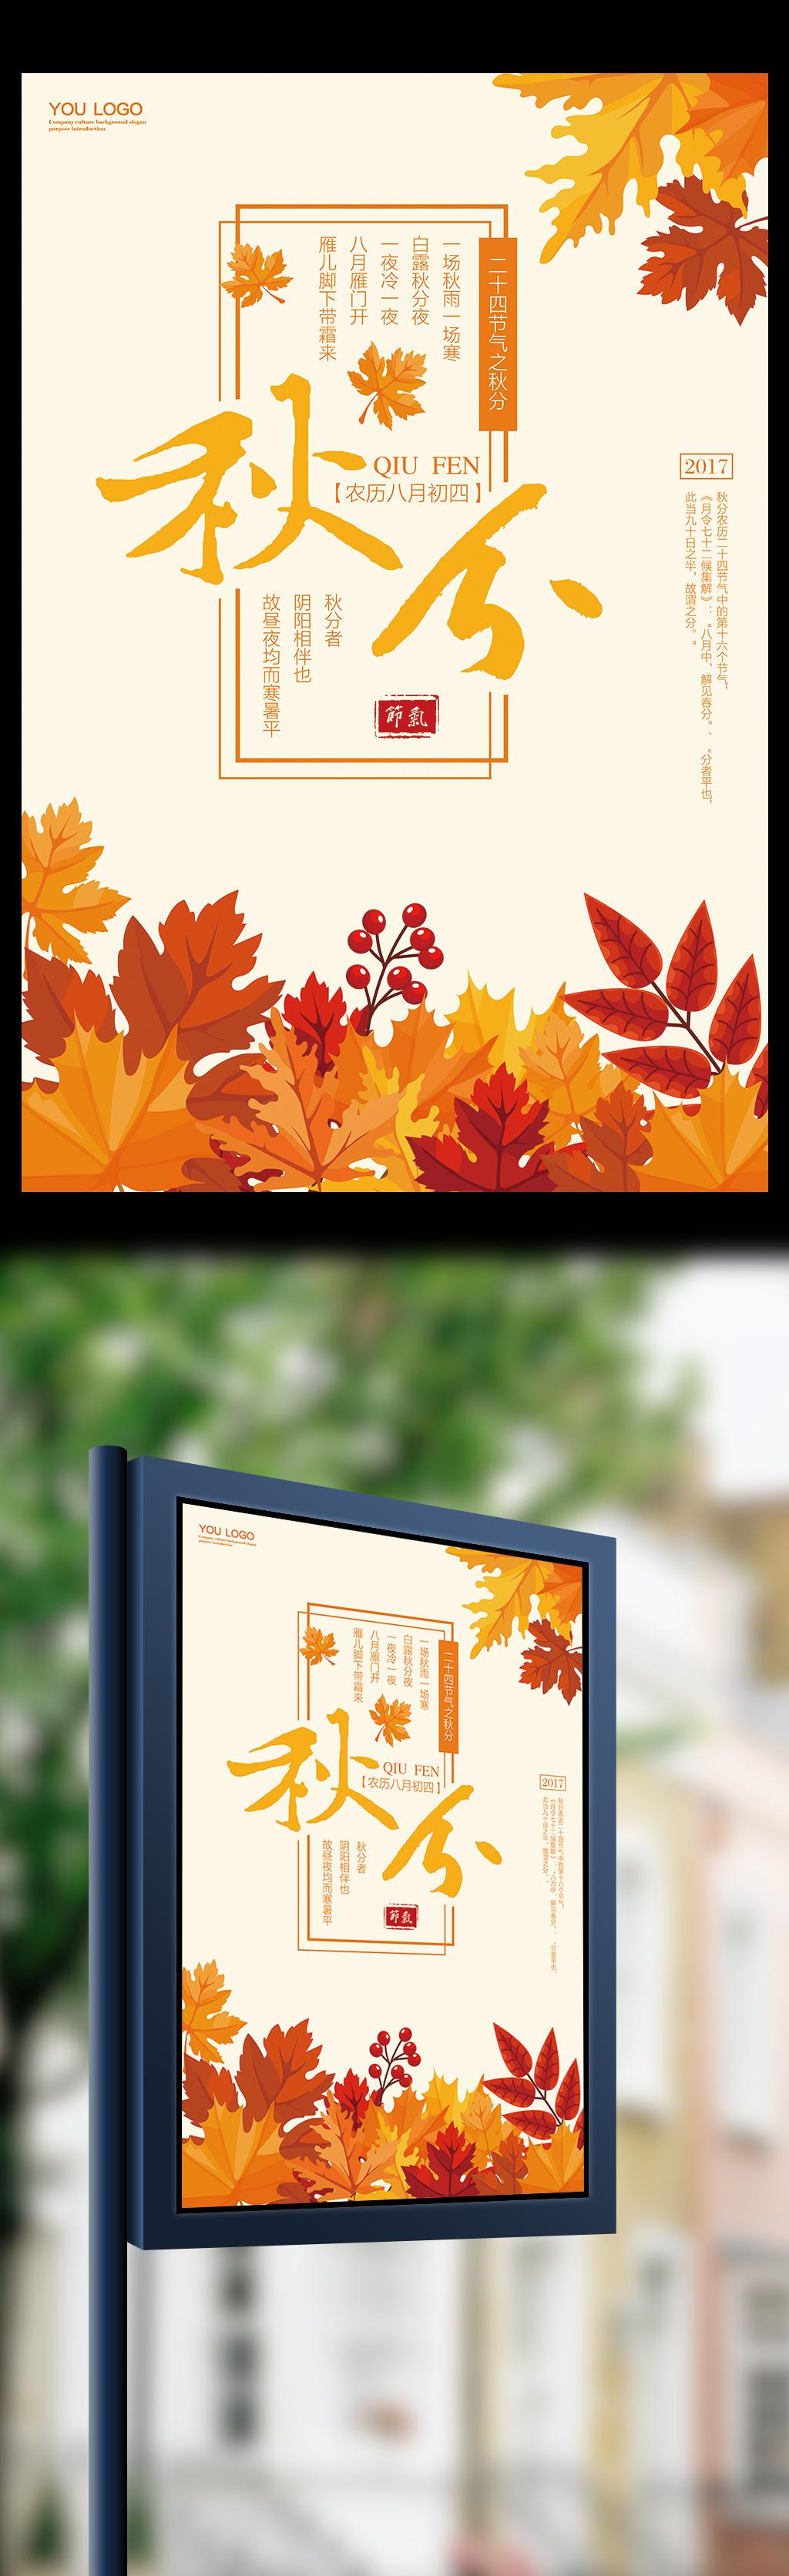 24节气之秋分海报下载 24节气之秋分海报图片素材PSD格式模板 海报